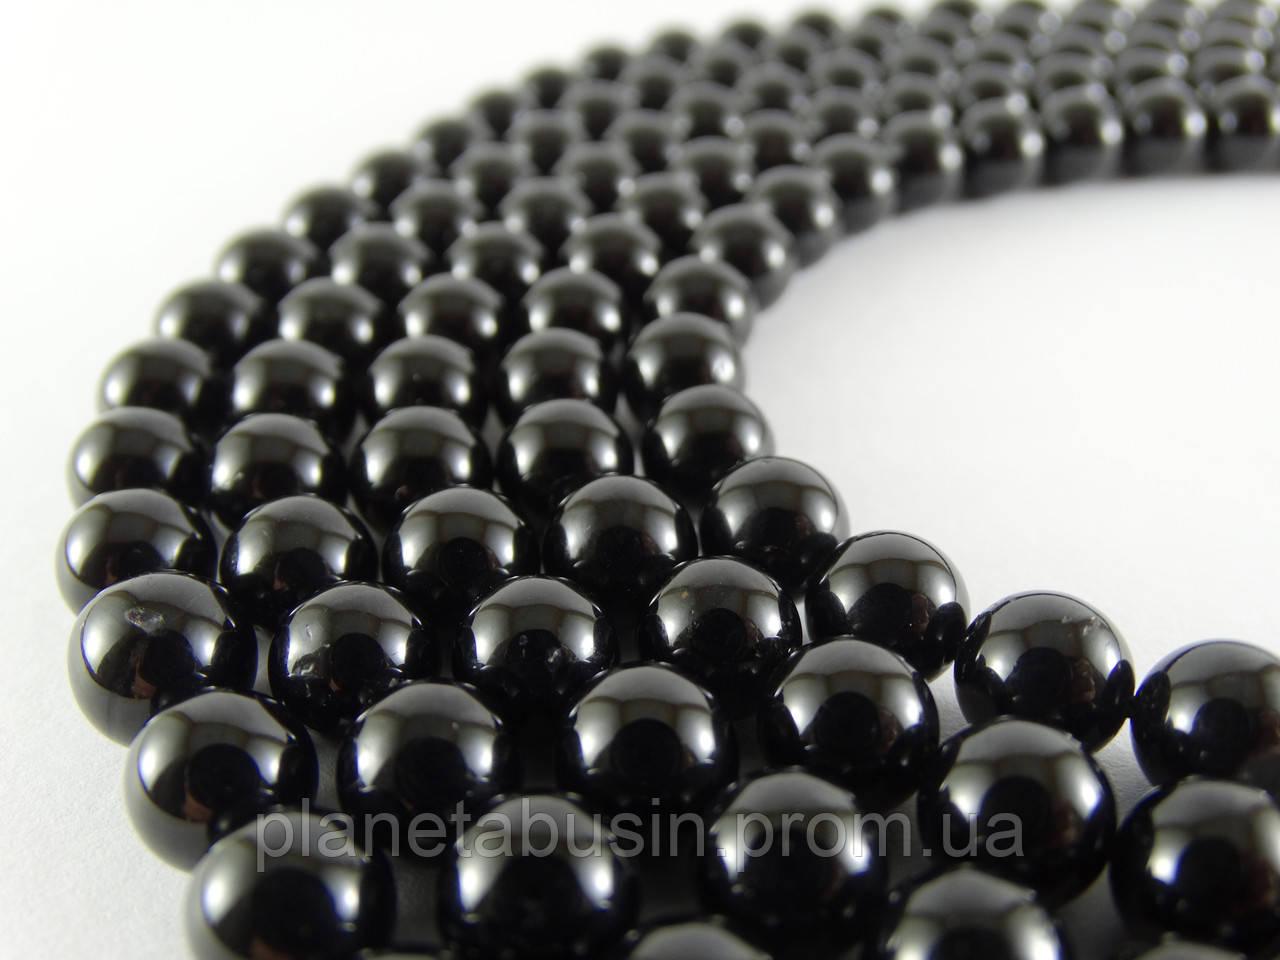 8 мм Чёрный Турмалин (Шерл) АА, CN152, Натуральный камень, Форма: Шар, Отверстие: 1 мм, кол-во: 47-48 шт/нить